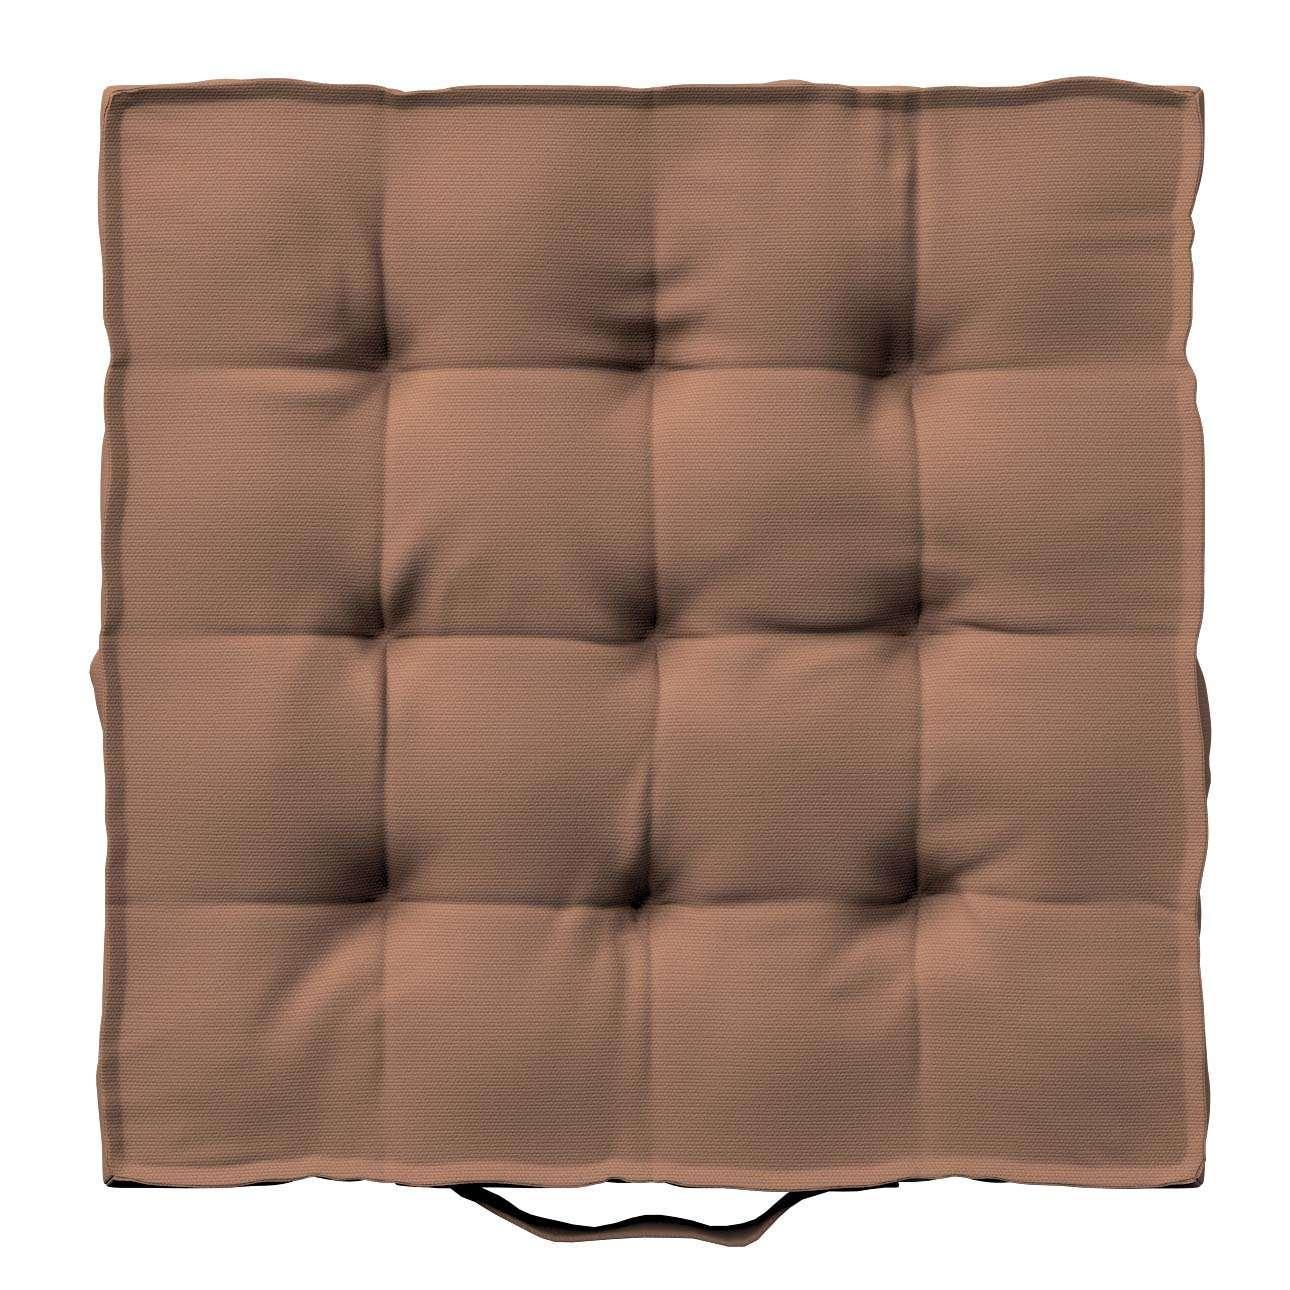 Pagalvėlė Kuba kėdei/ant grindų 40 x 40 x 6 cm kolekcijoje Cotton Panama, audinys: 702-02